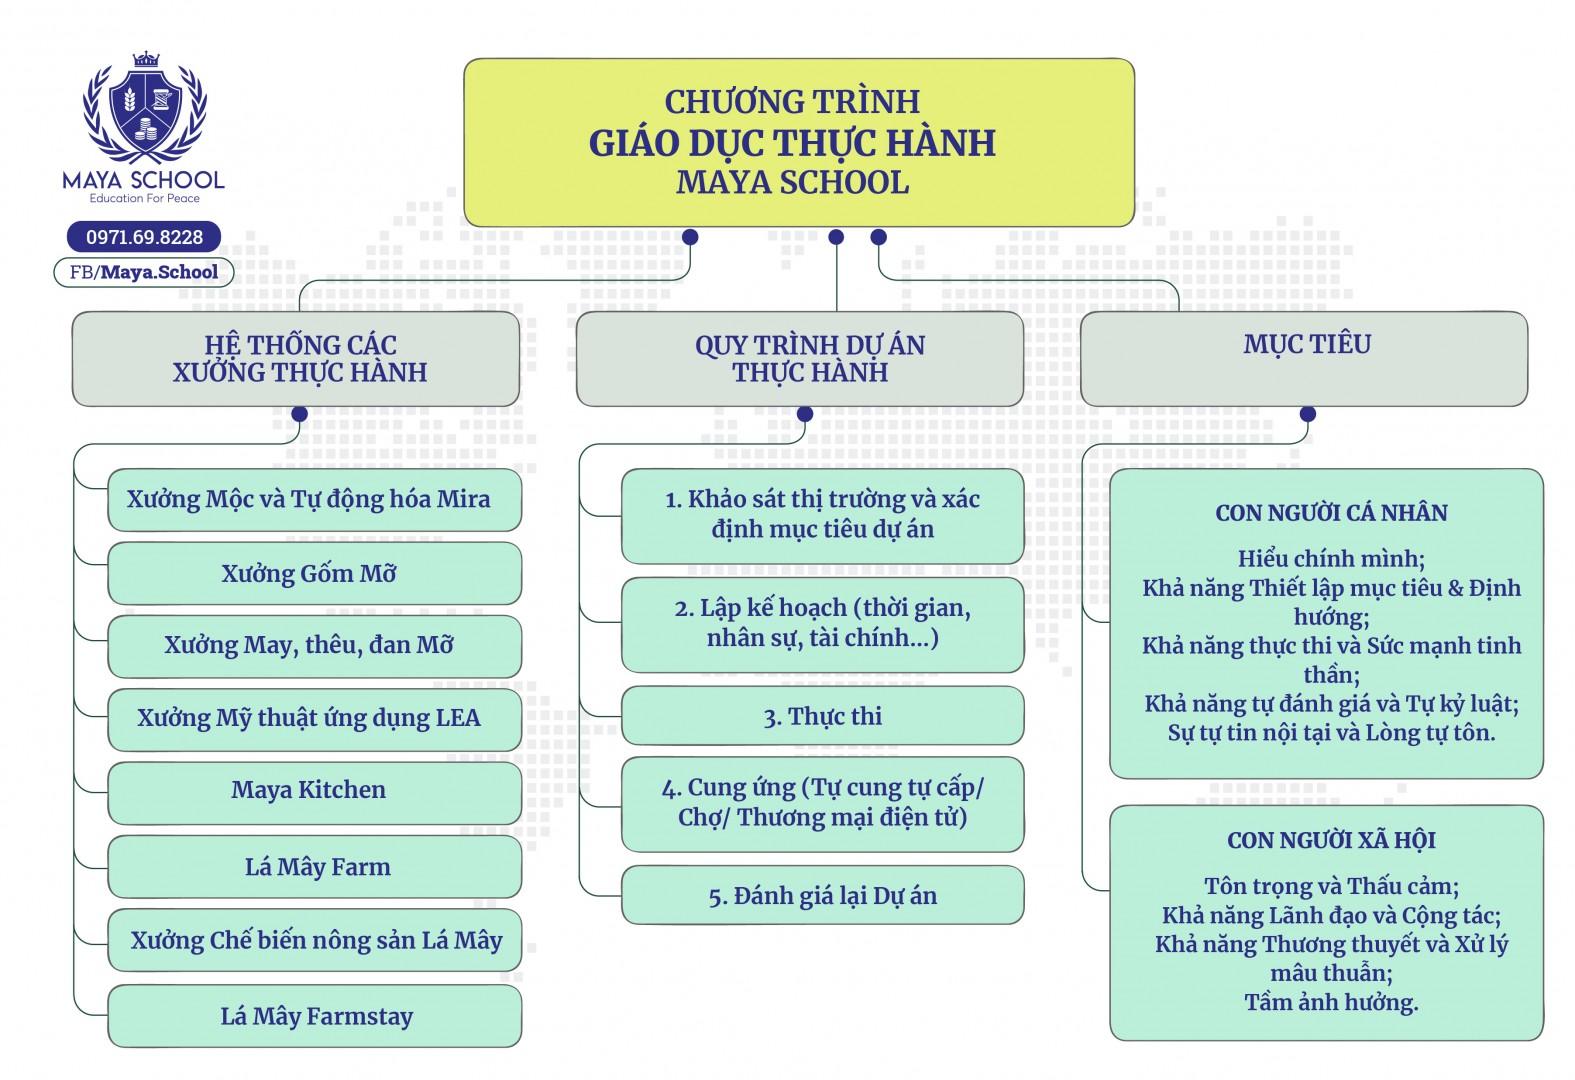 Chương Trình Giáo Dục Thực Hành Maya School